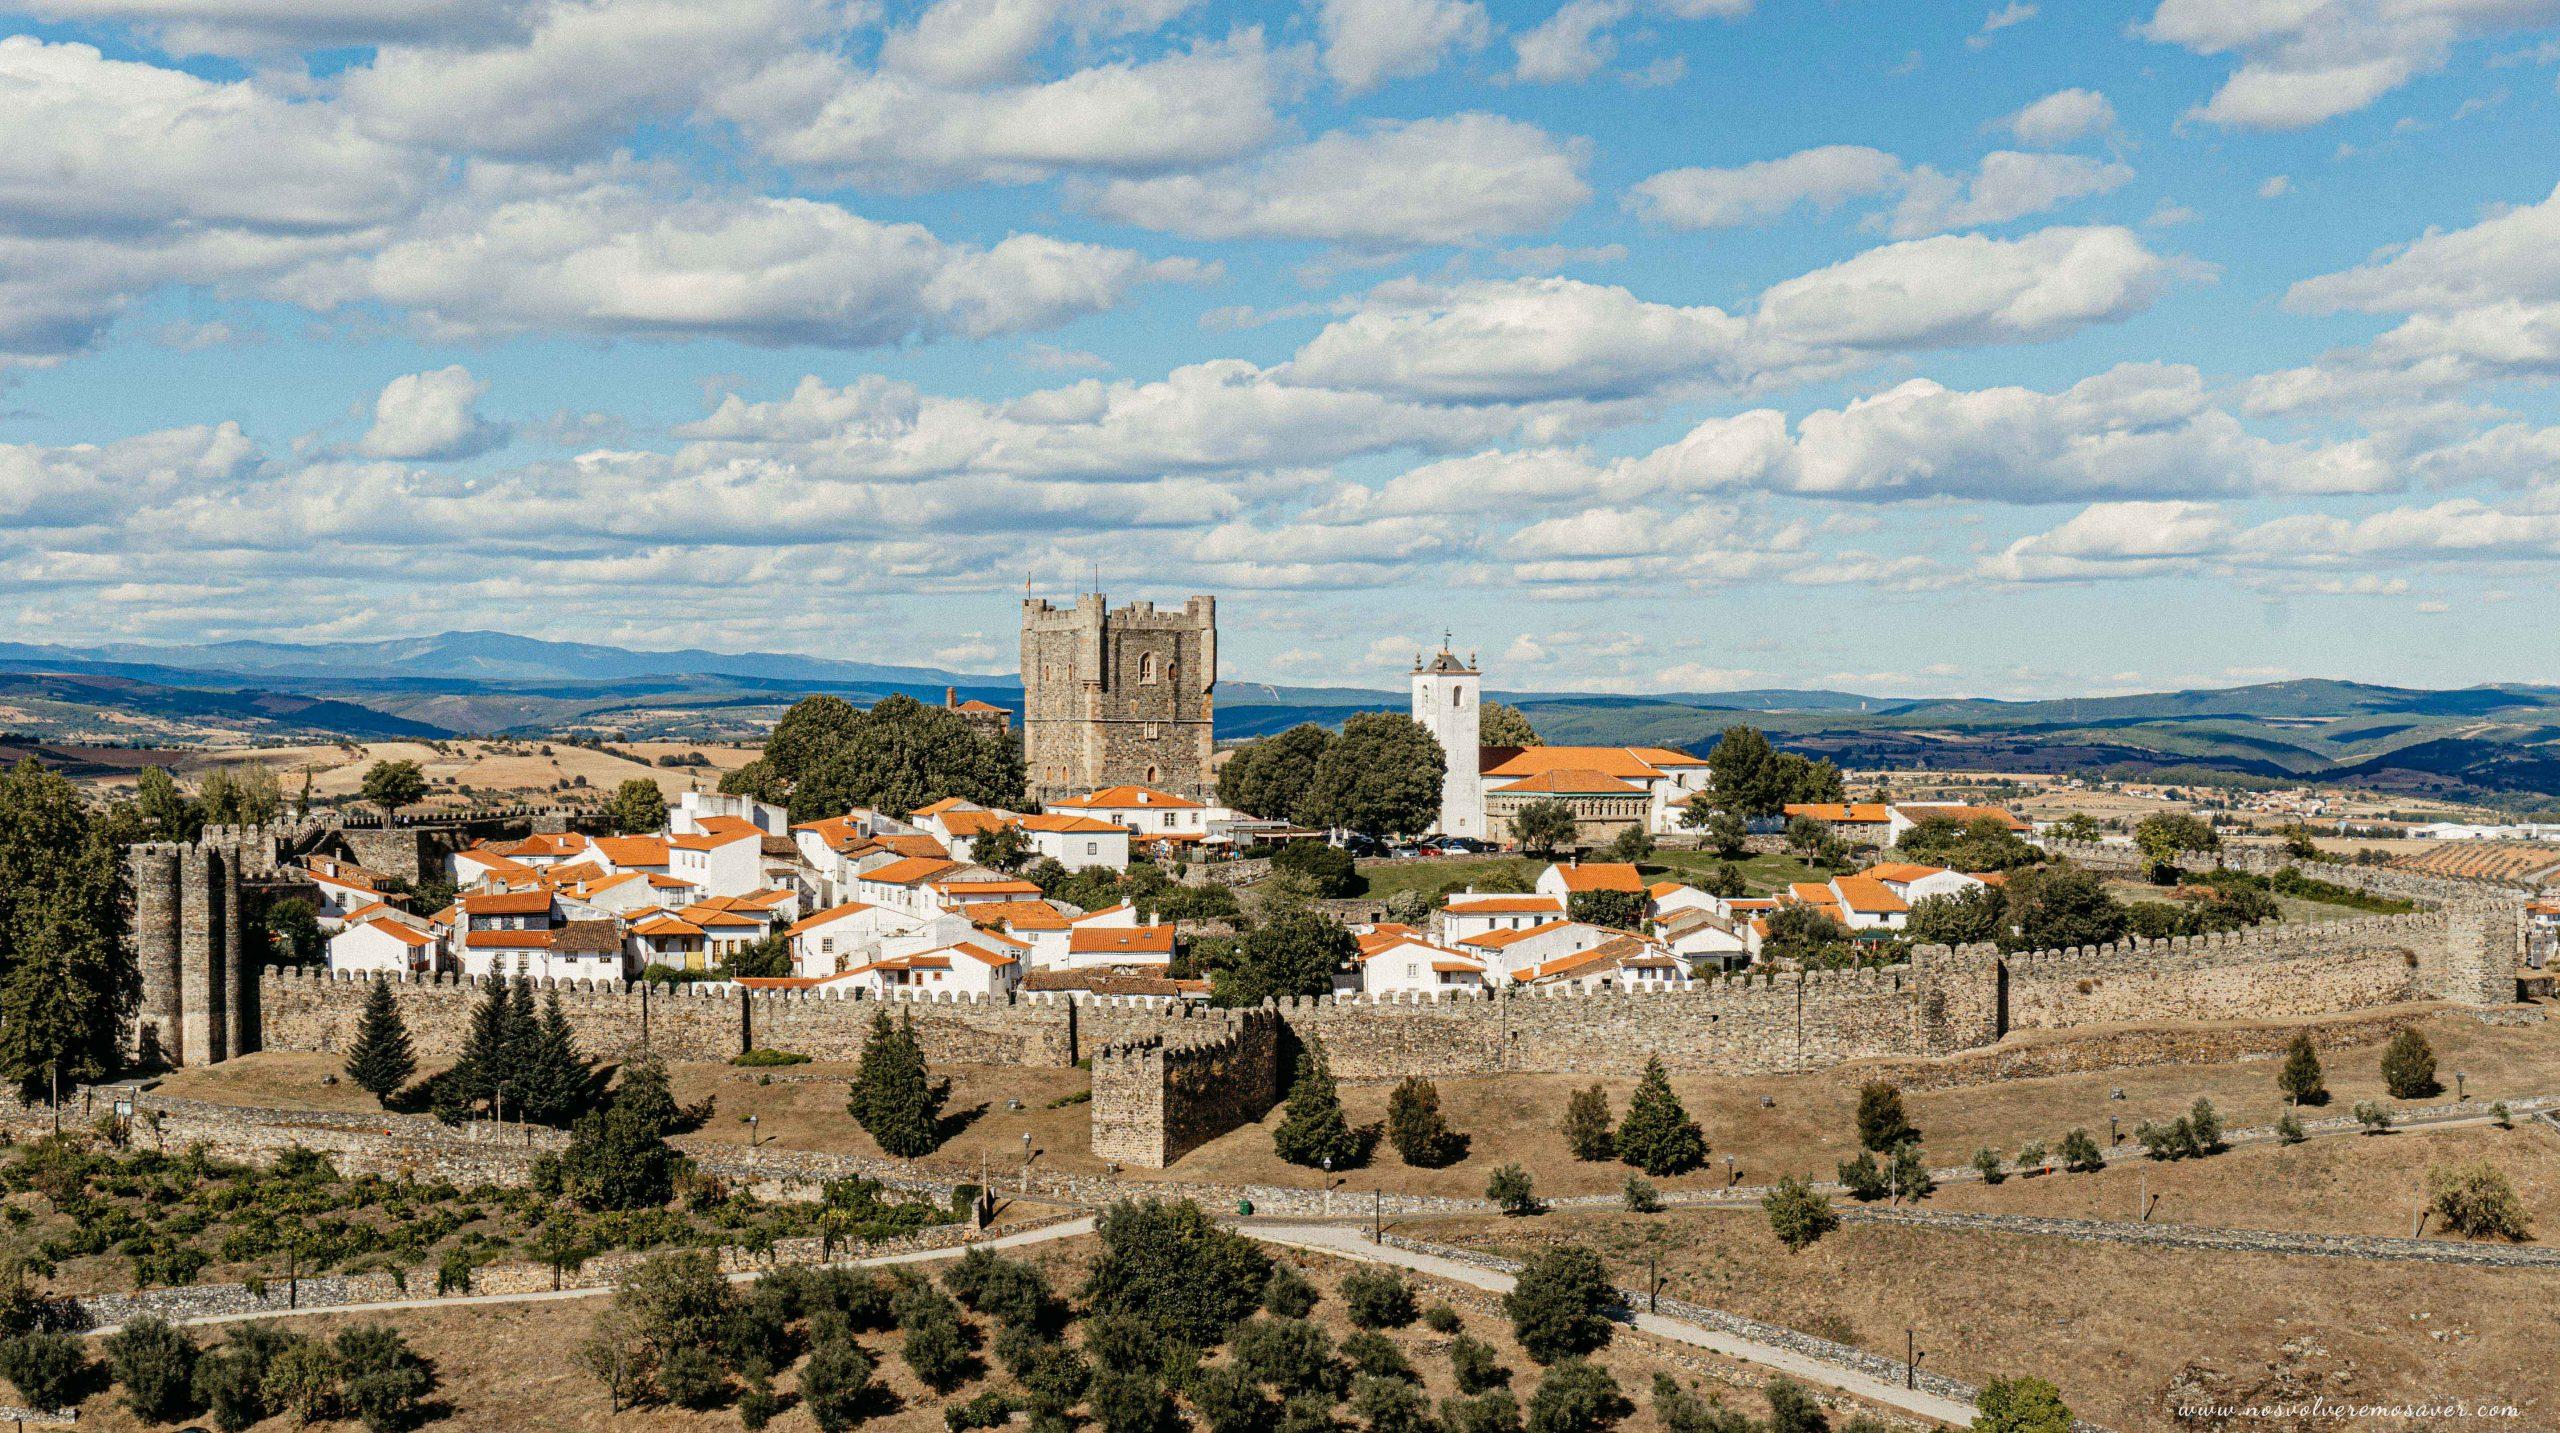 Miradouro do Castelo, Bragança